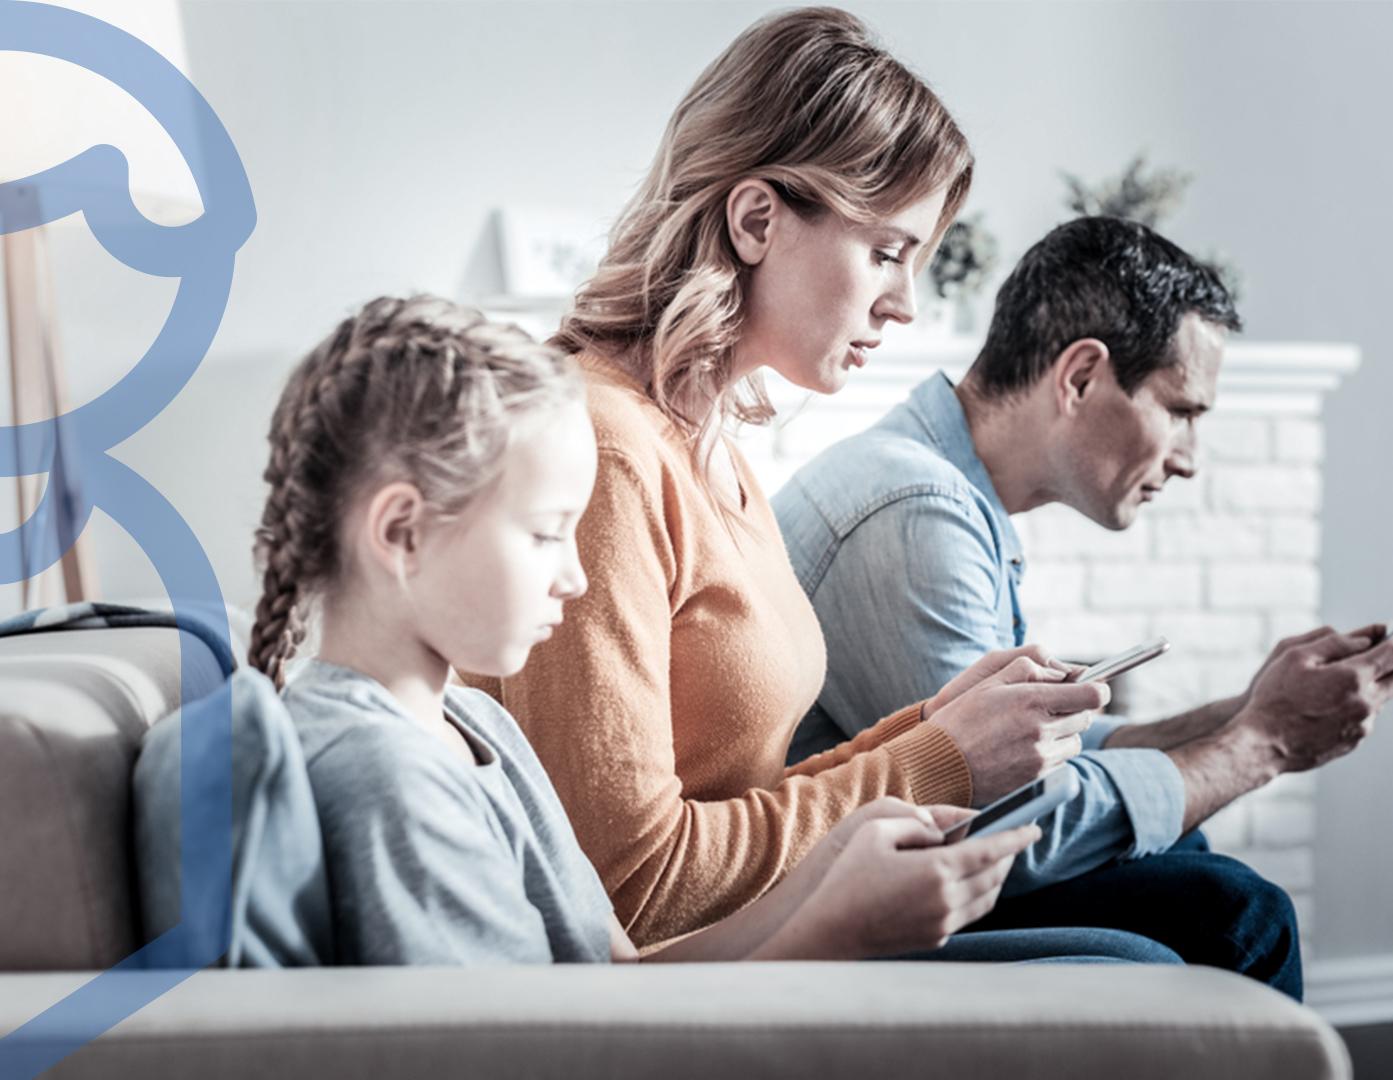 علاقة-الآباء-والأمهات-بالأبناء-في-ظل-وجود-التكنولوجيا